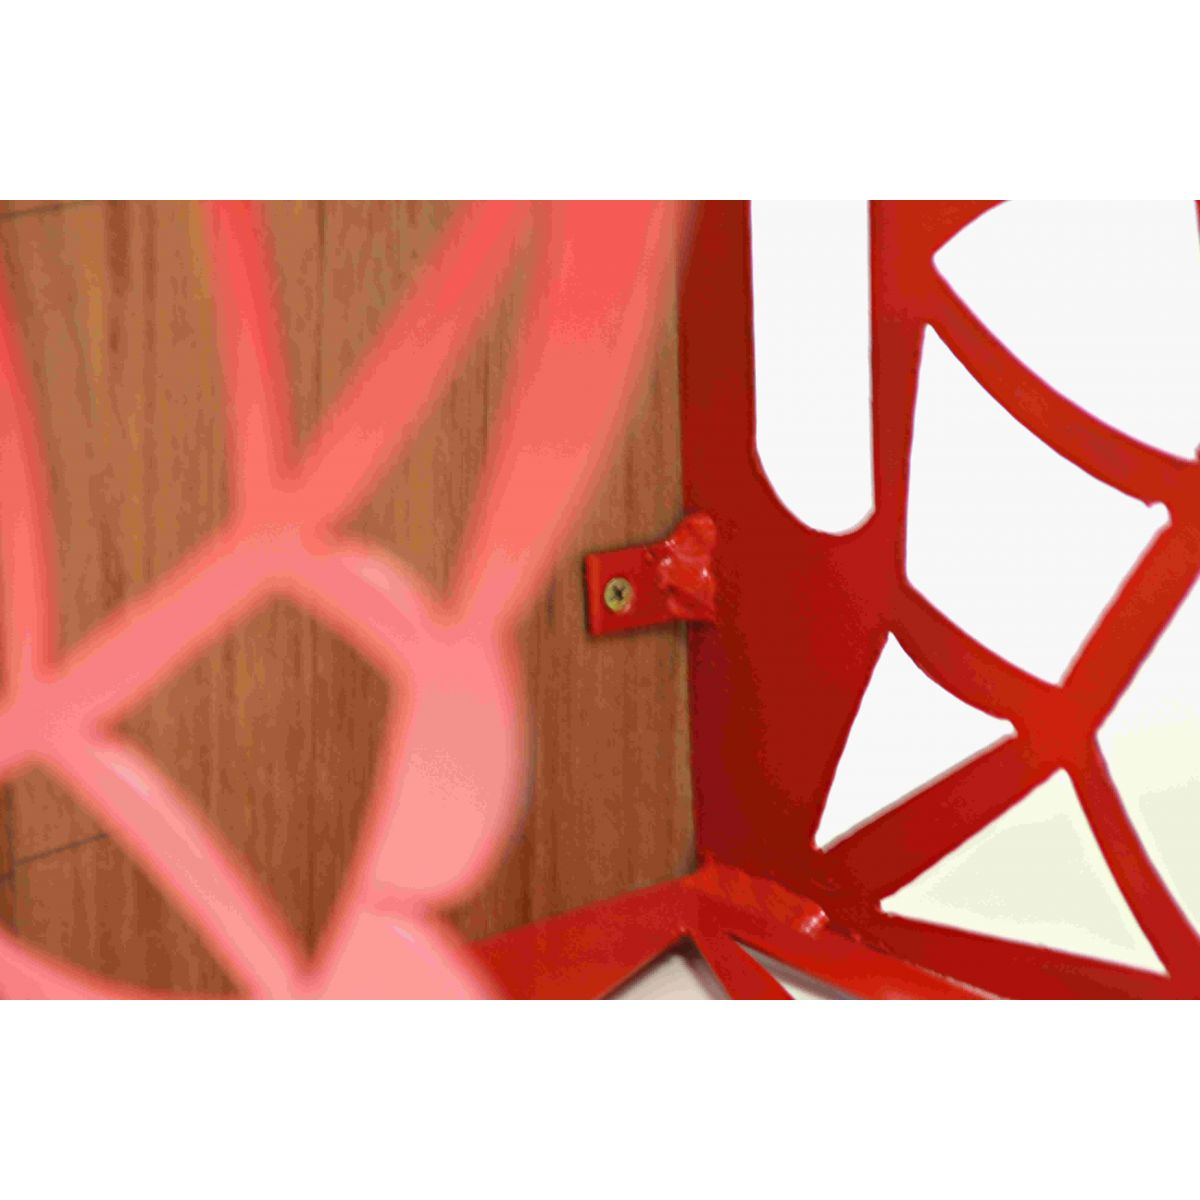 Banco Em Madeira E Ferro Desenhado Várias Cores 36x36x45